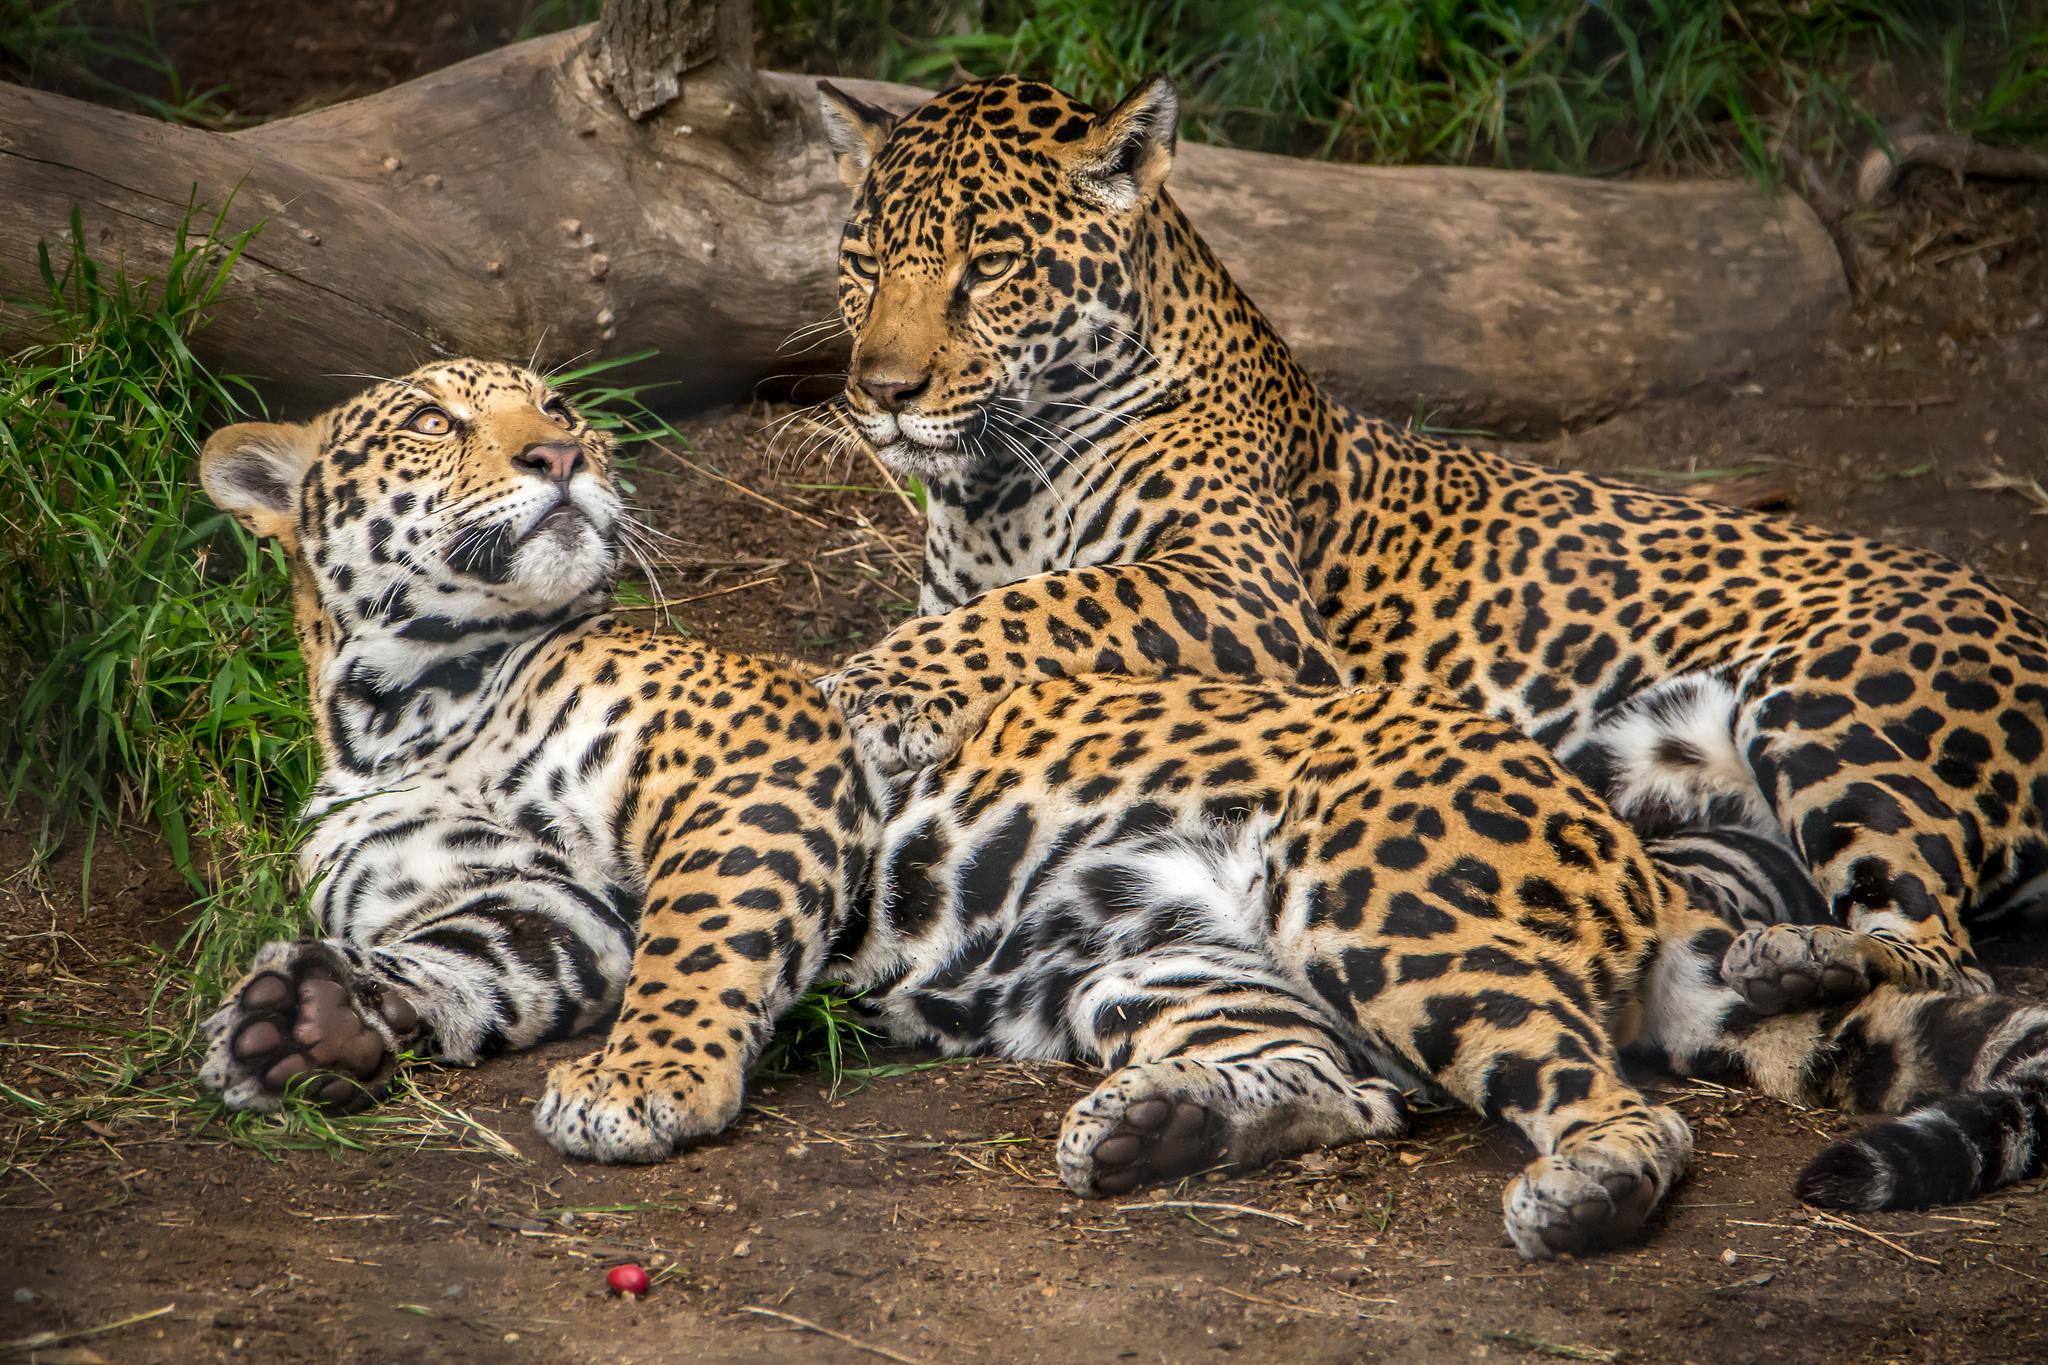 кого звезд картинки два леопарденка может начать